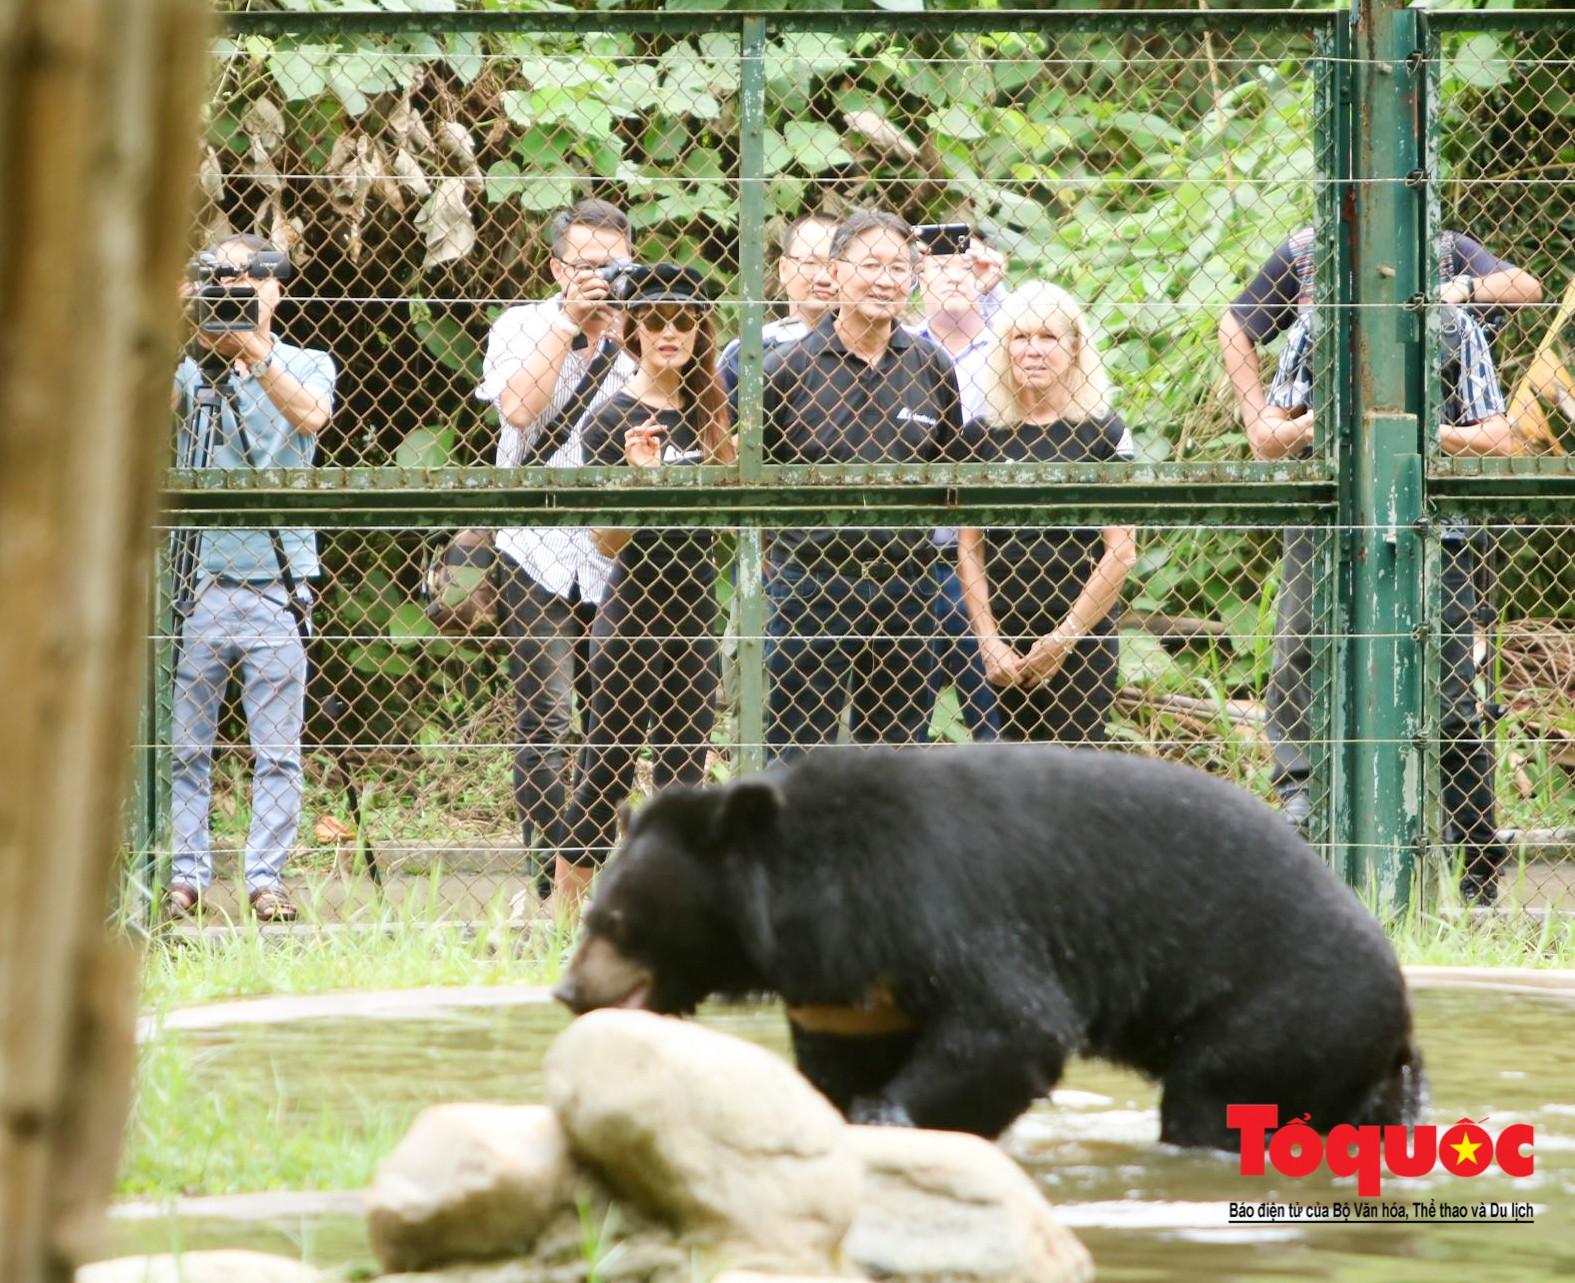 Ngôi sao Hollywood người Mỹ gốc Việt Maggie Q thăm Trung tâm Cứu hộ Gấu Việt Nam và đặt tên cho một chú gấu2